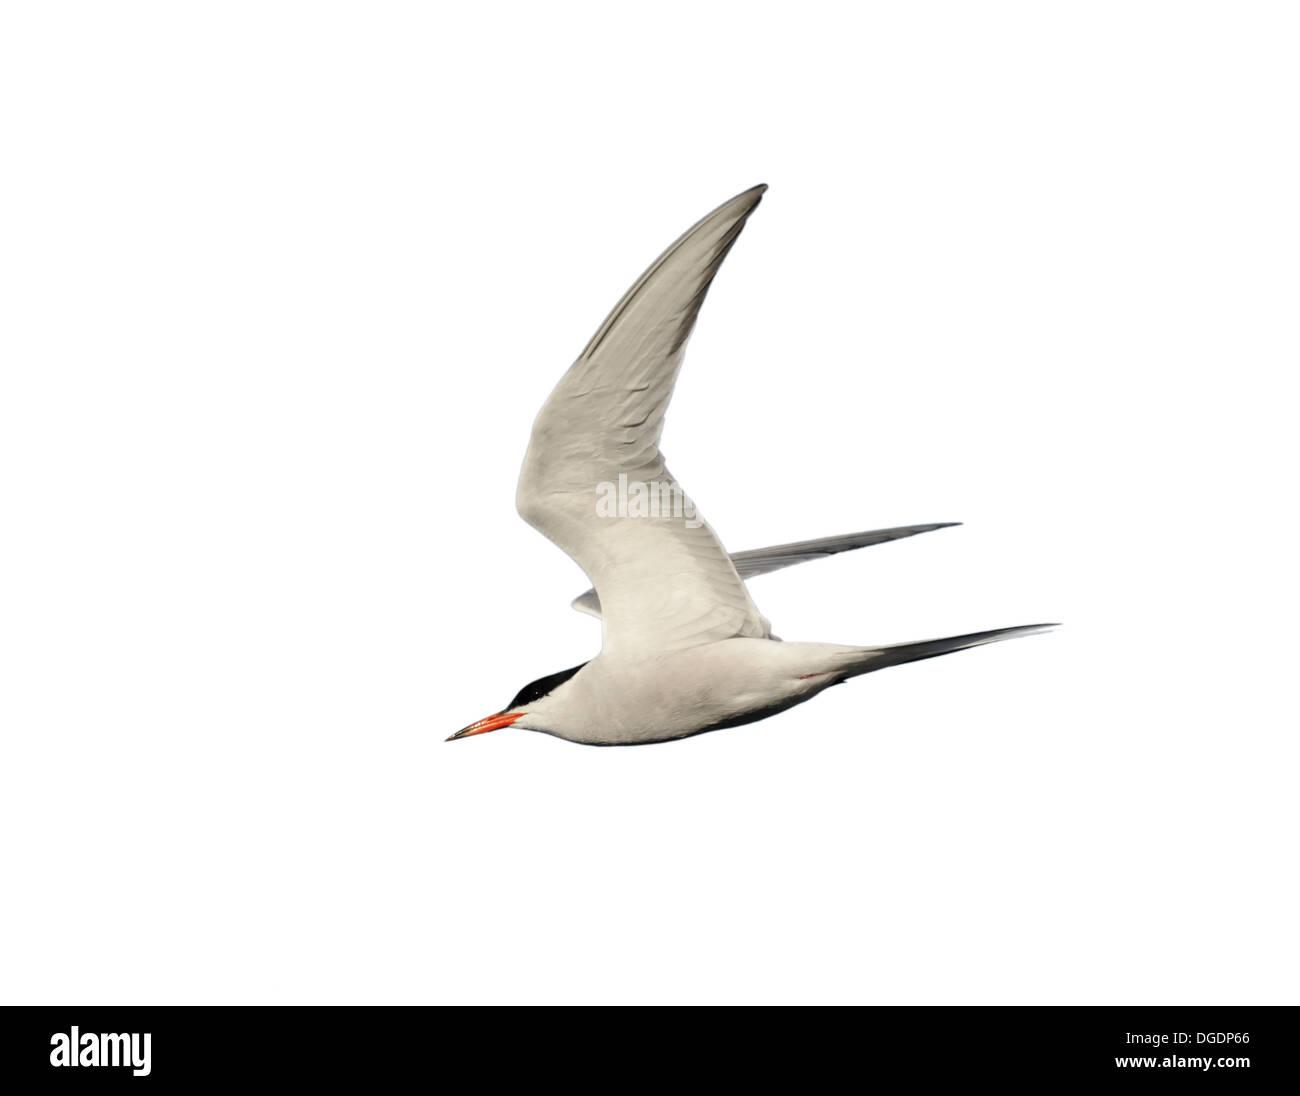 Common Tern Sterna hirundo - Stock Image